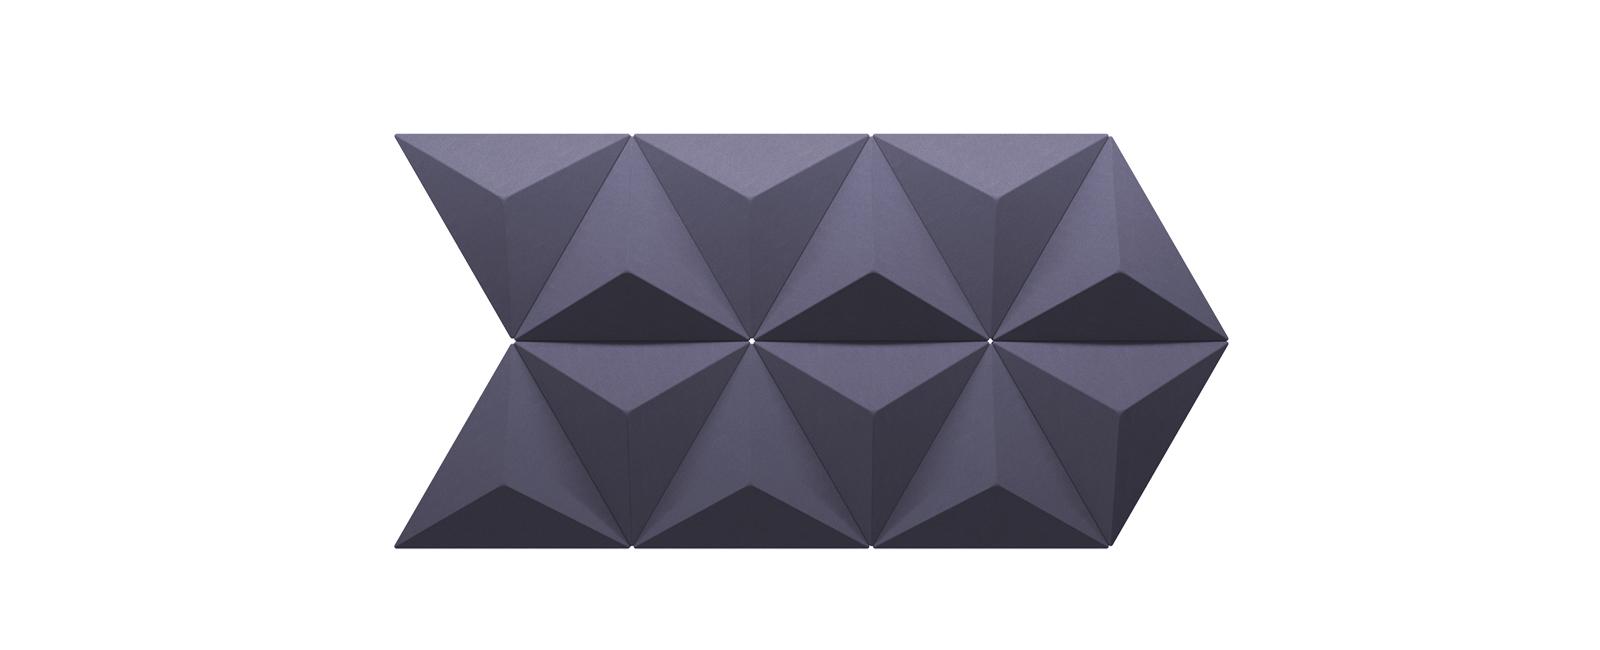 Autex Quietspace 3D-Tiles S-5.46   Blush